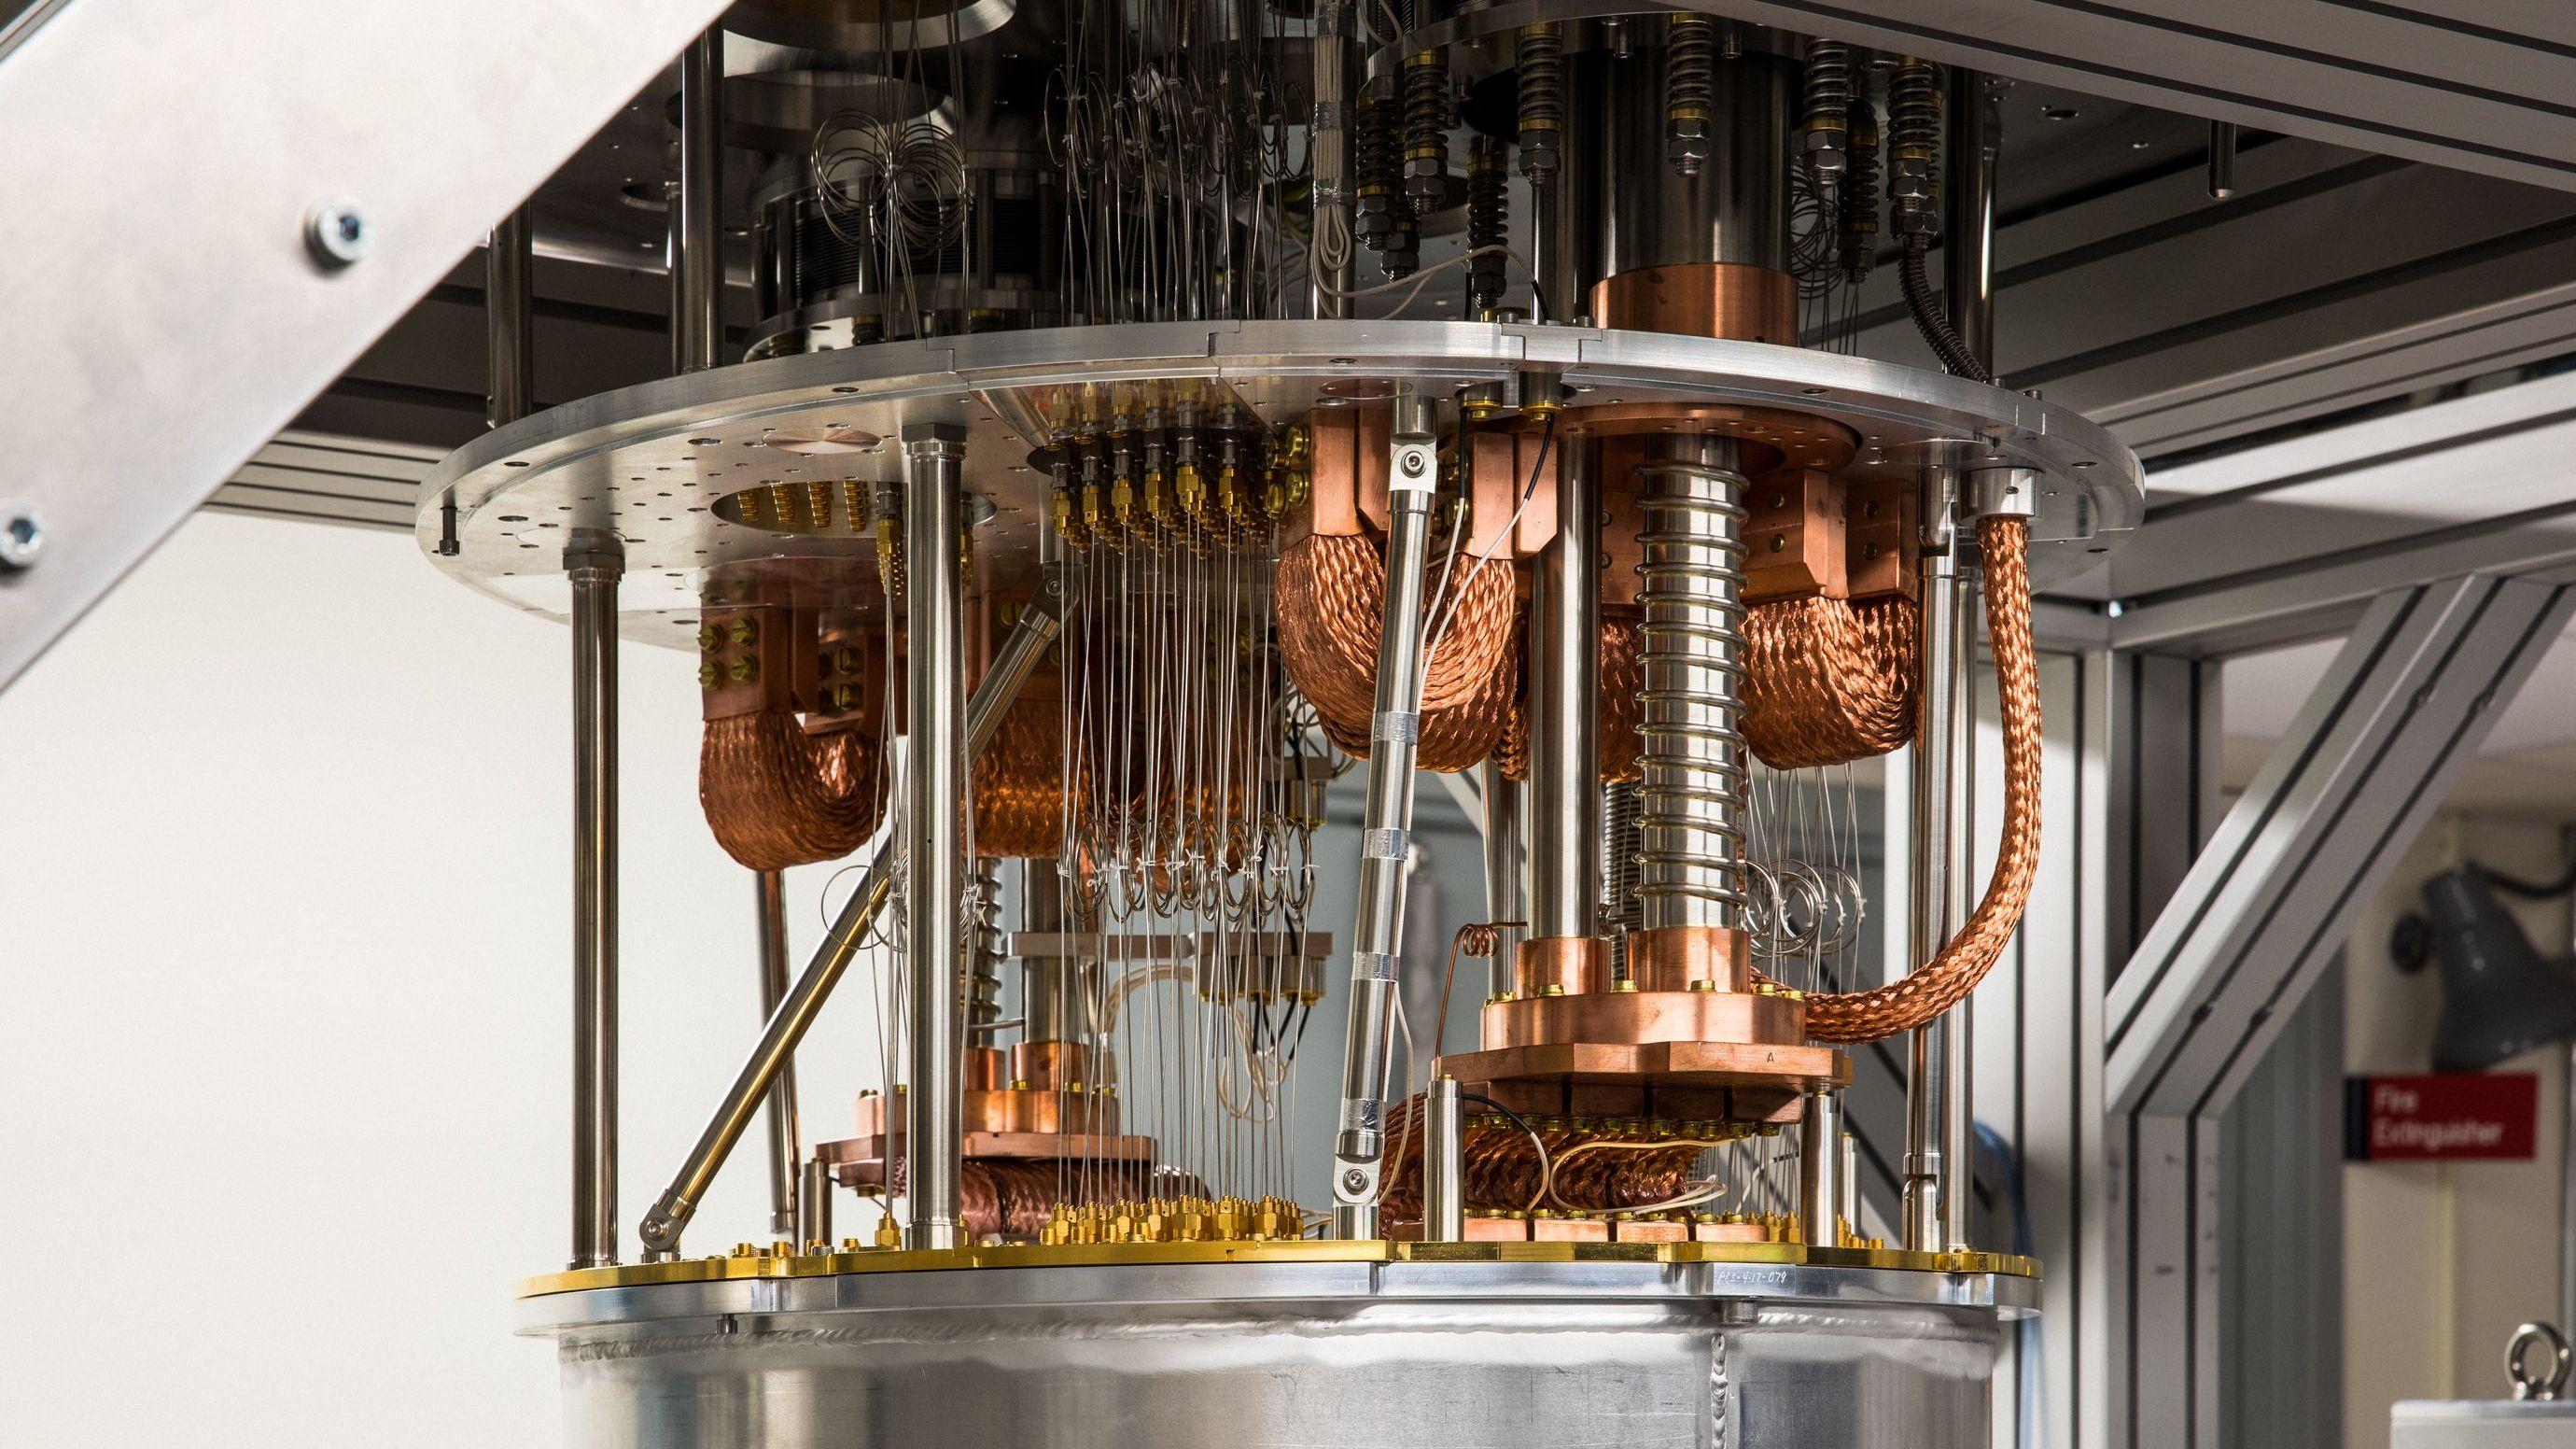 量子コンピューターは なぜ必要なのか?